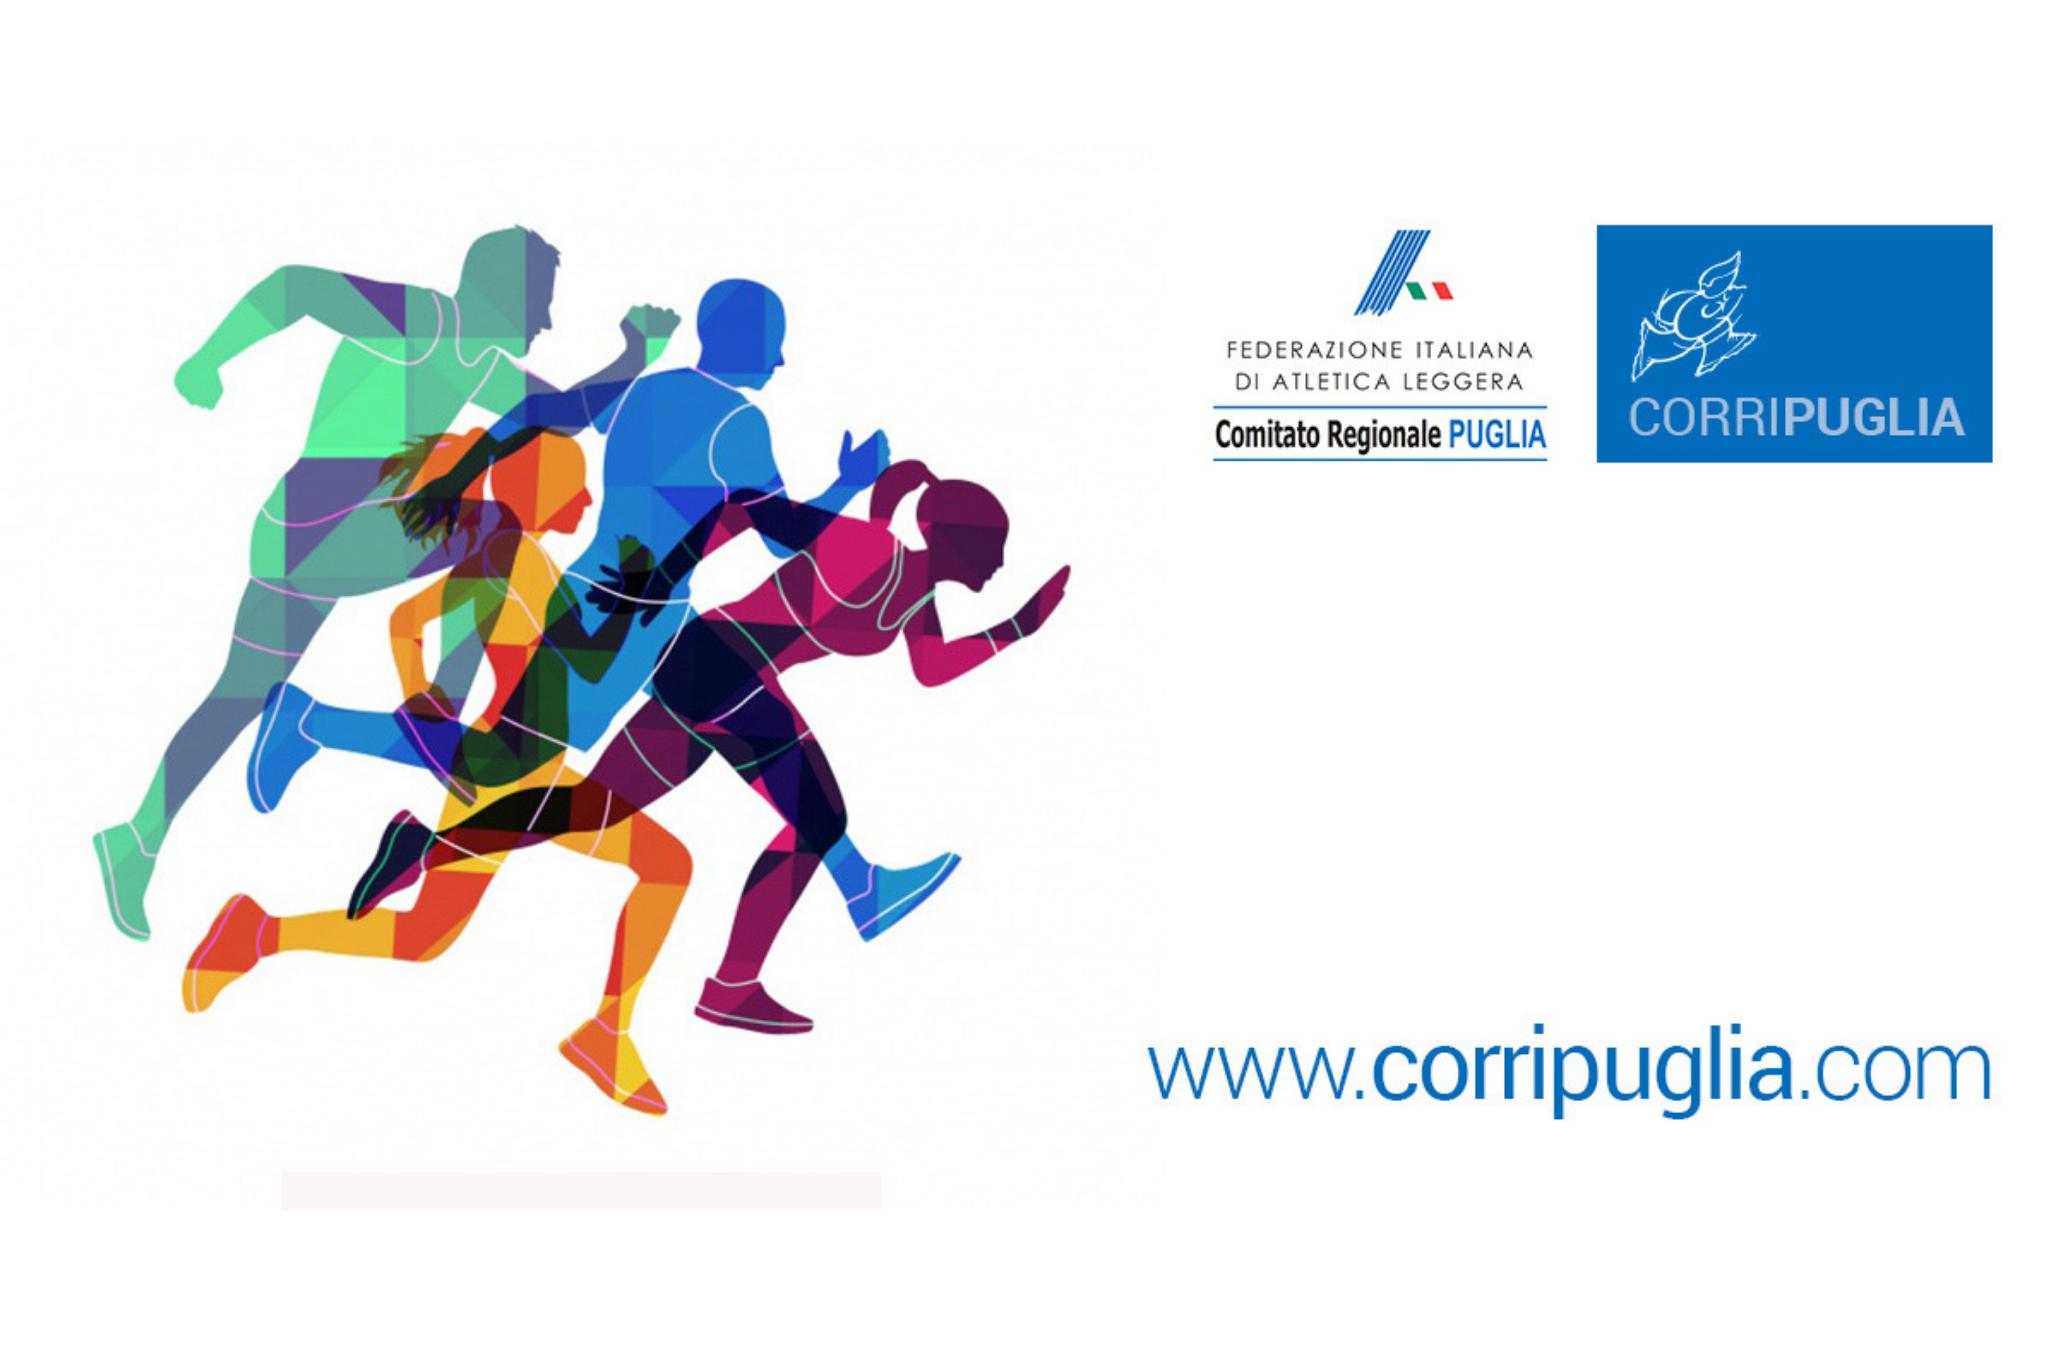 Calendario Corripuglia 2020.Intempra In Pista Con La Federazione Italiana Atletica Leggera